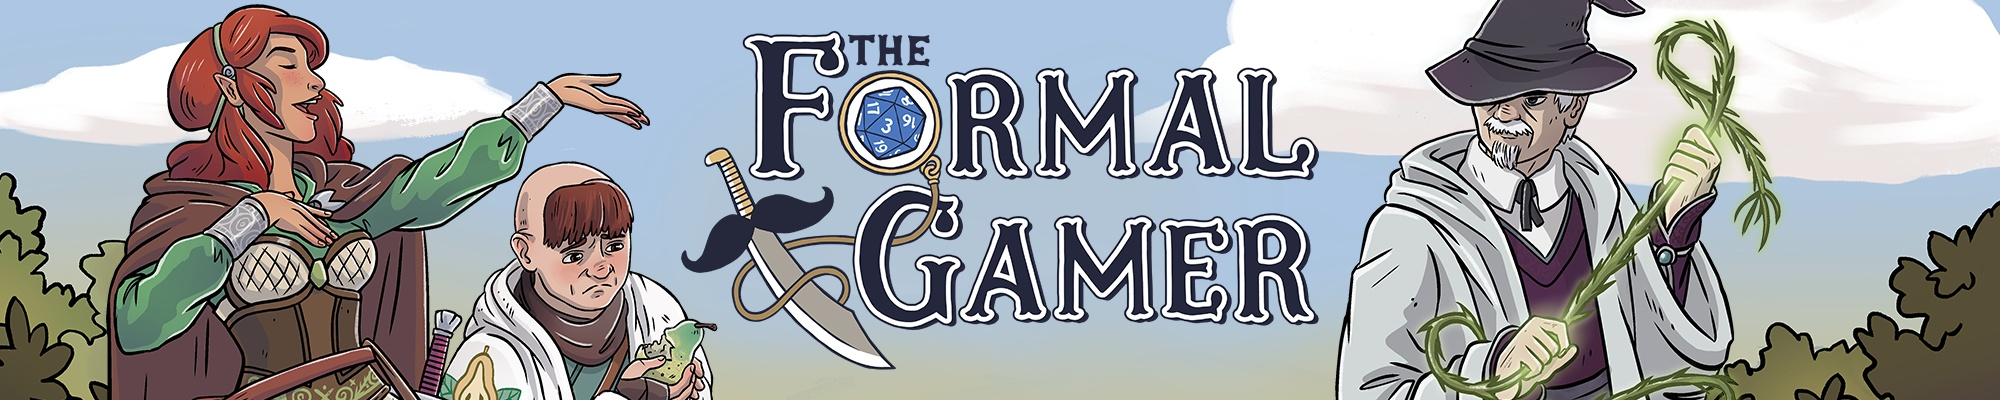 FormalGamer Cover